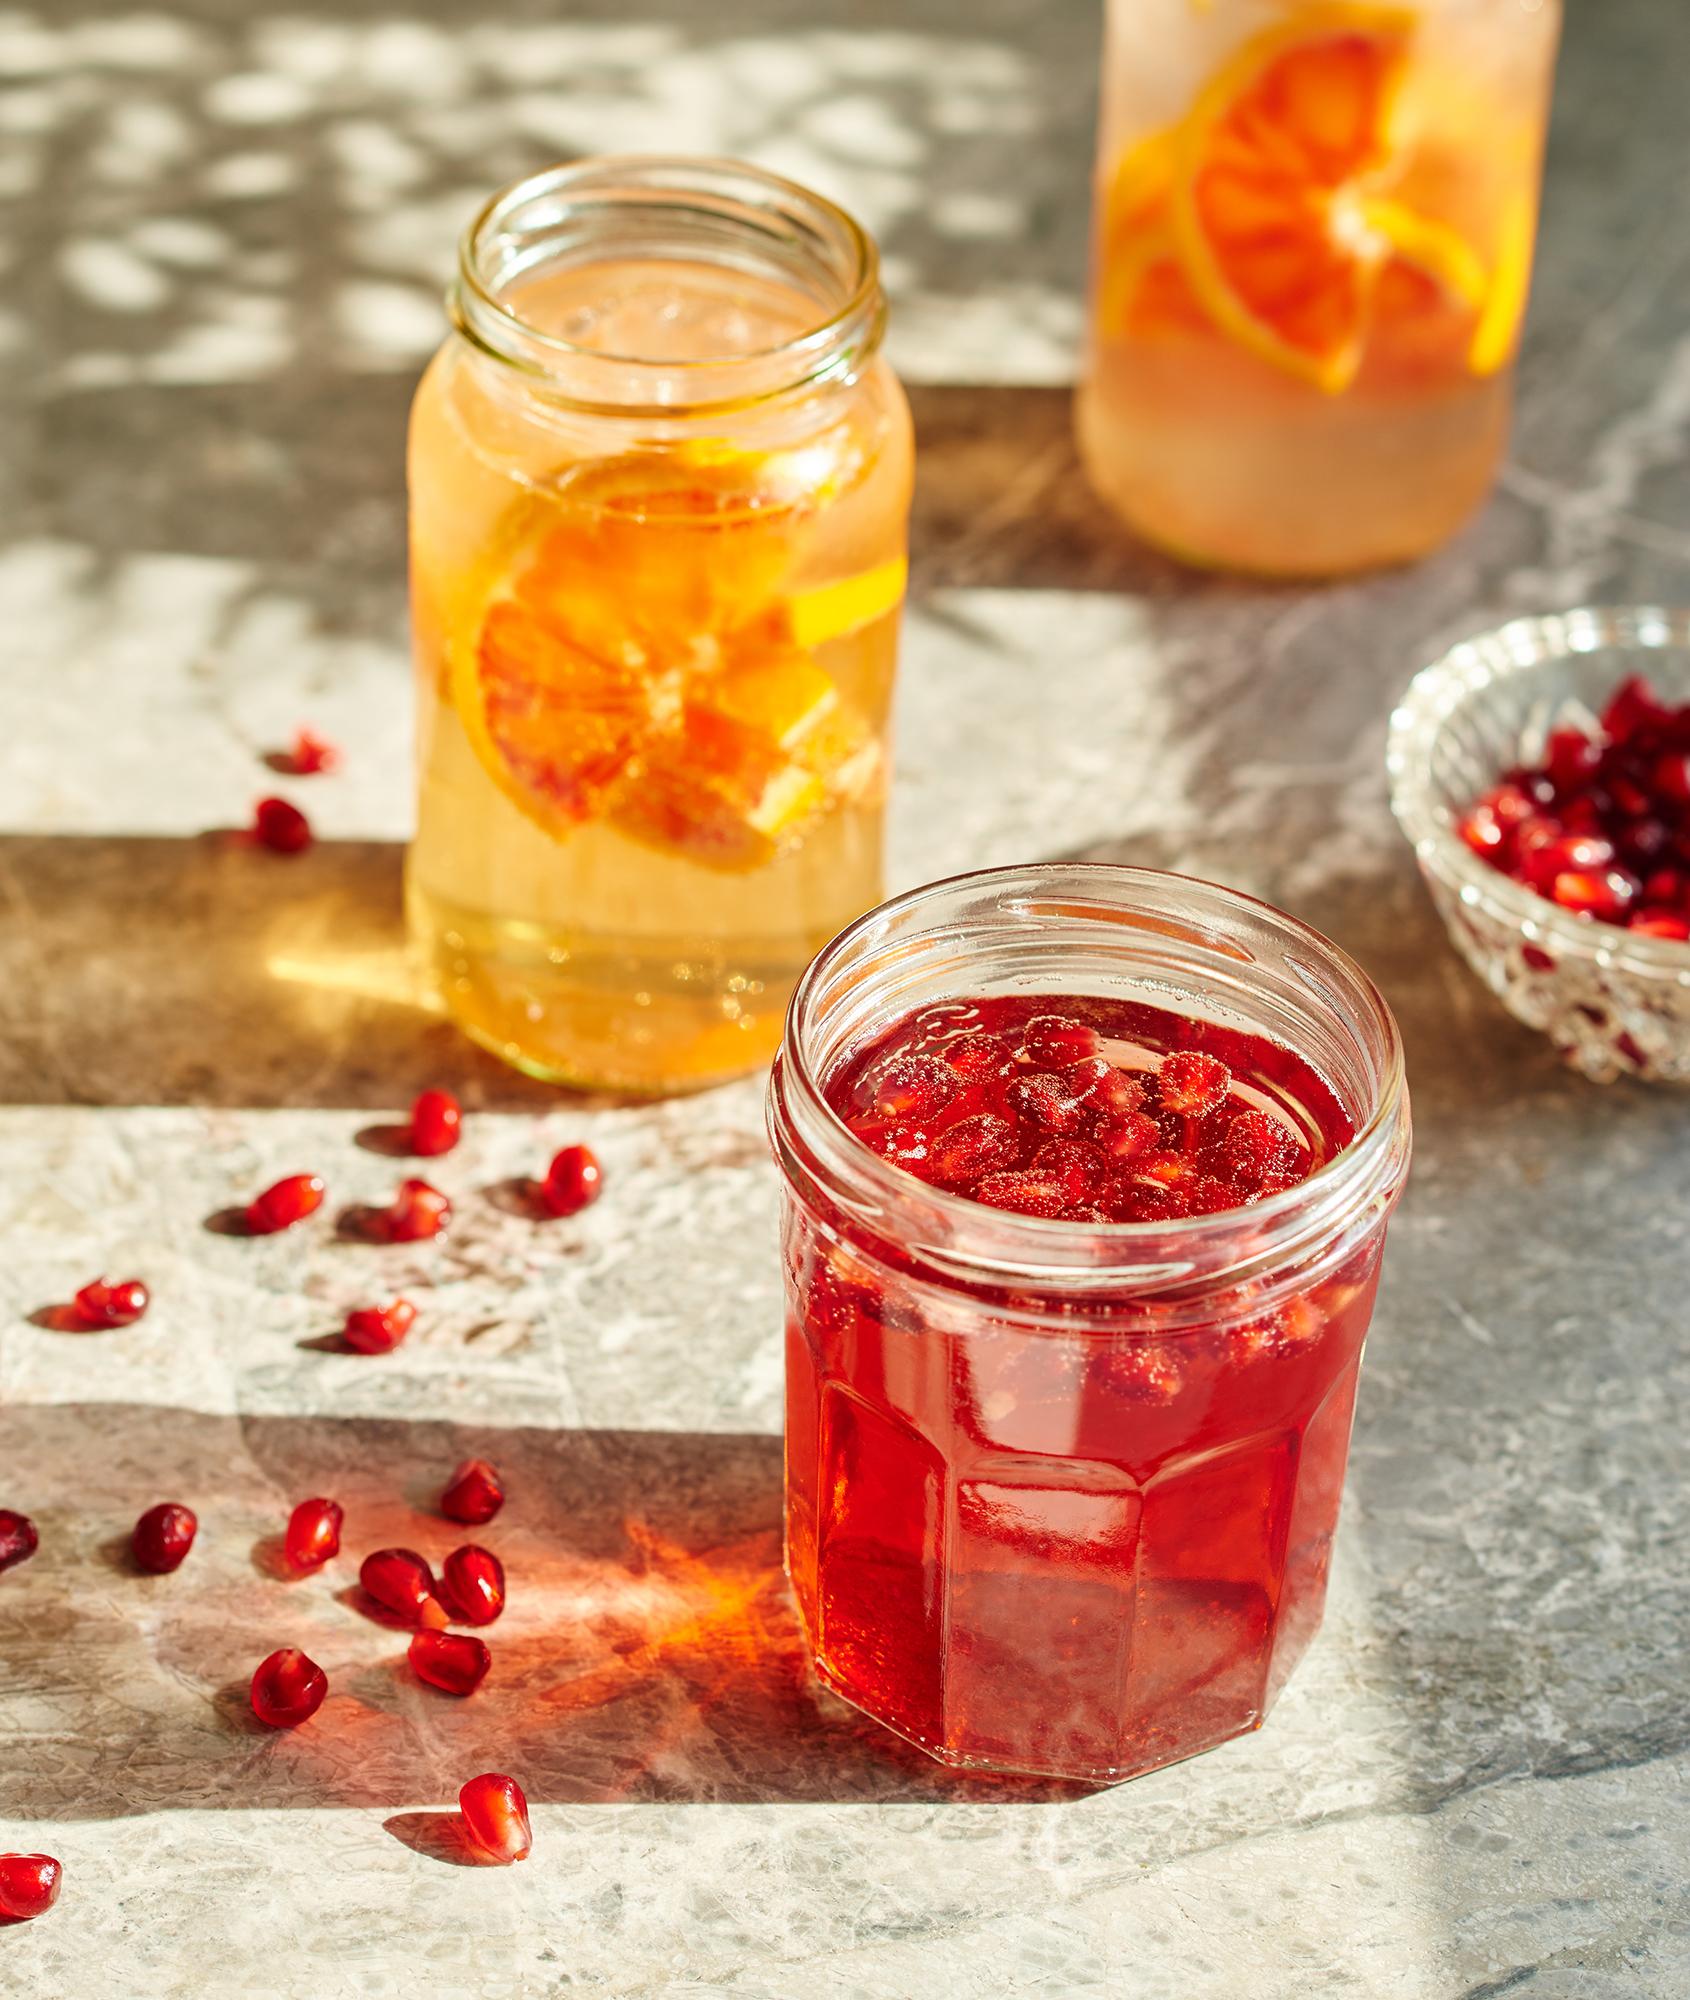 fruit cocktails served in jam jars